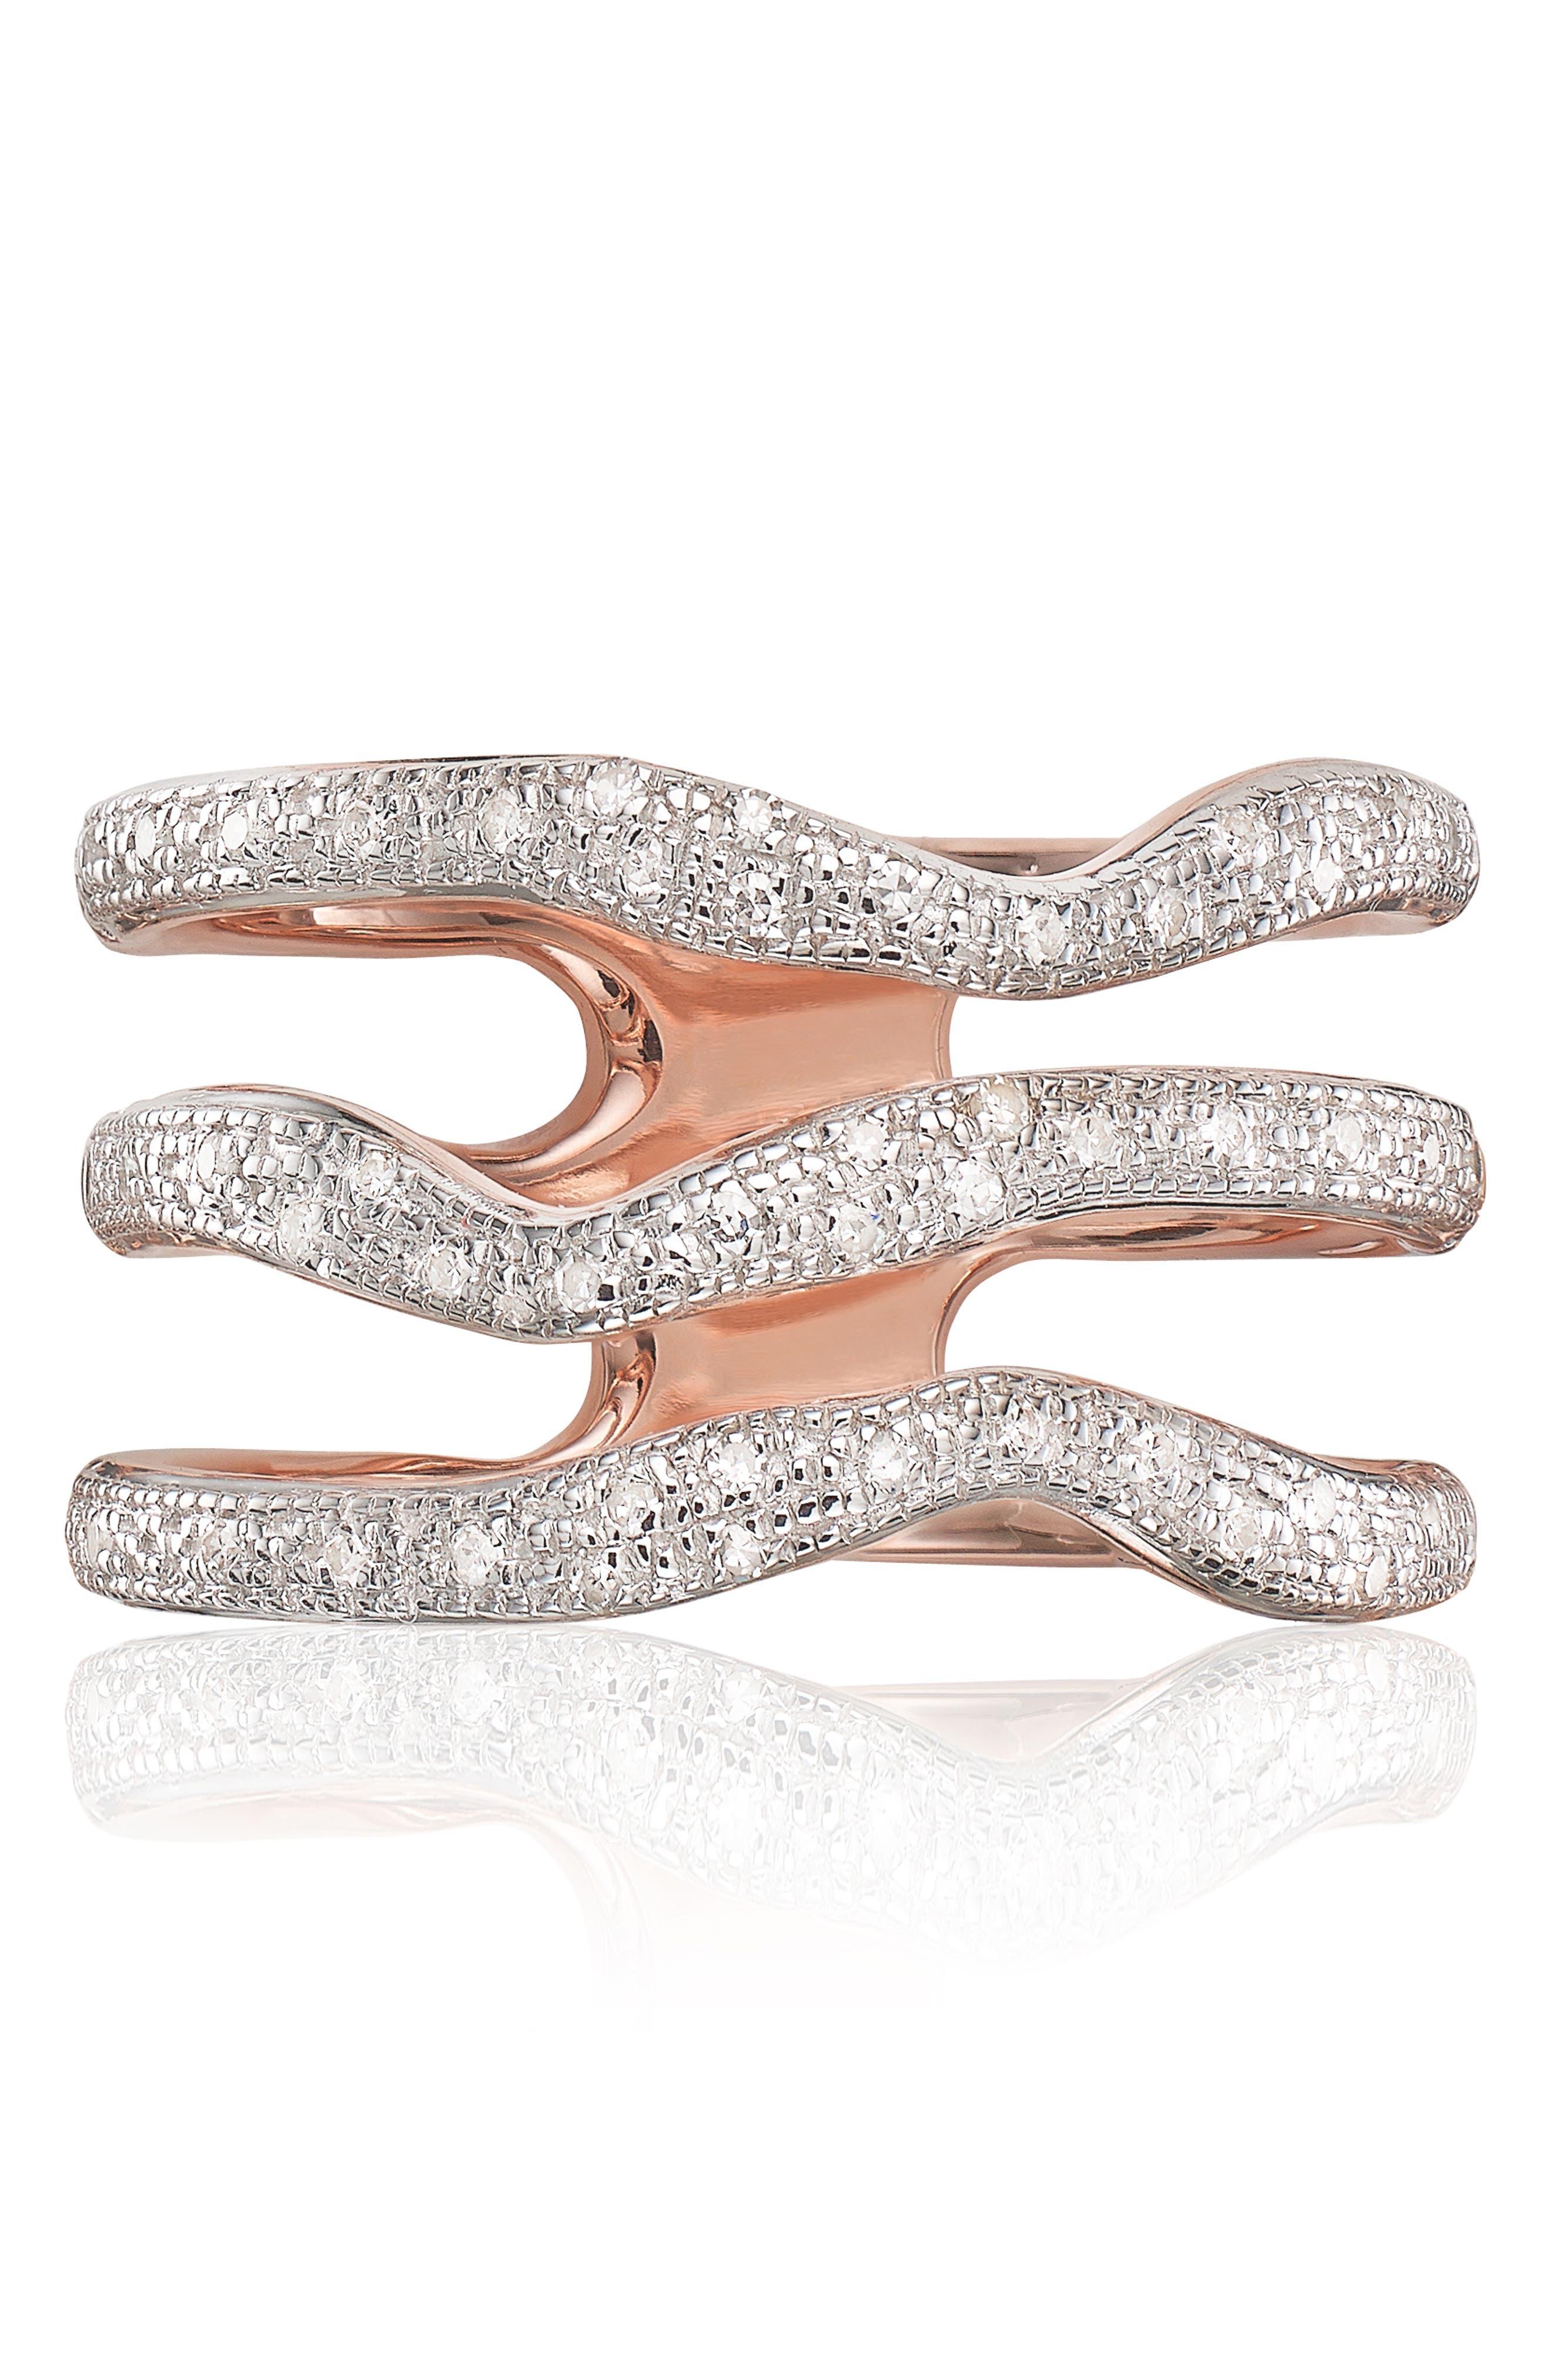 MONICA VINADER,                             'Riva' Three Band Diamond Ring,                             Main thumbnail 1, color,                             ROSE GOLD